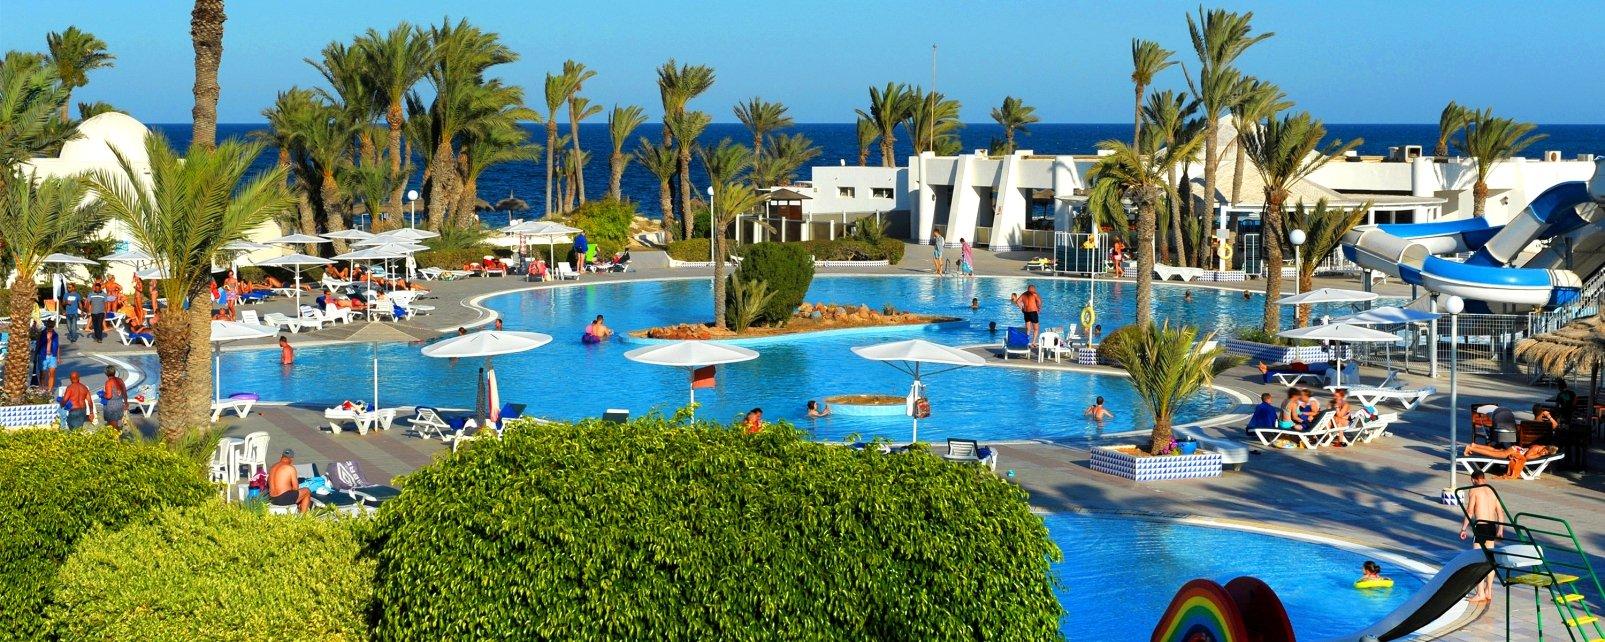 Htel El Mouradi Djerba Menzel, Djerba - Easyvoyage